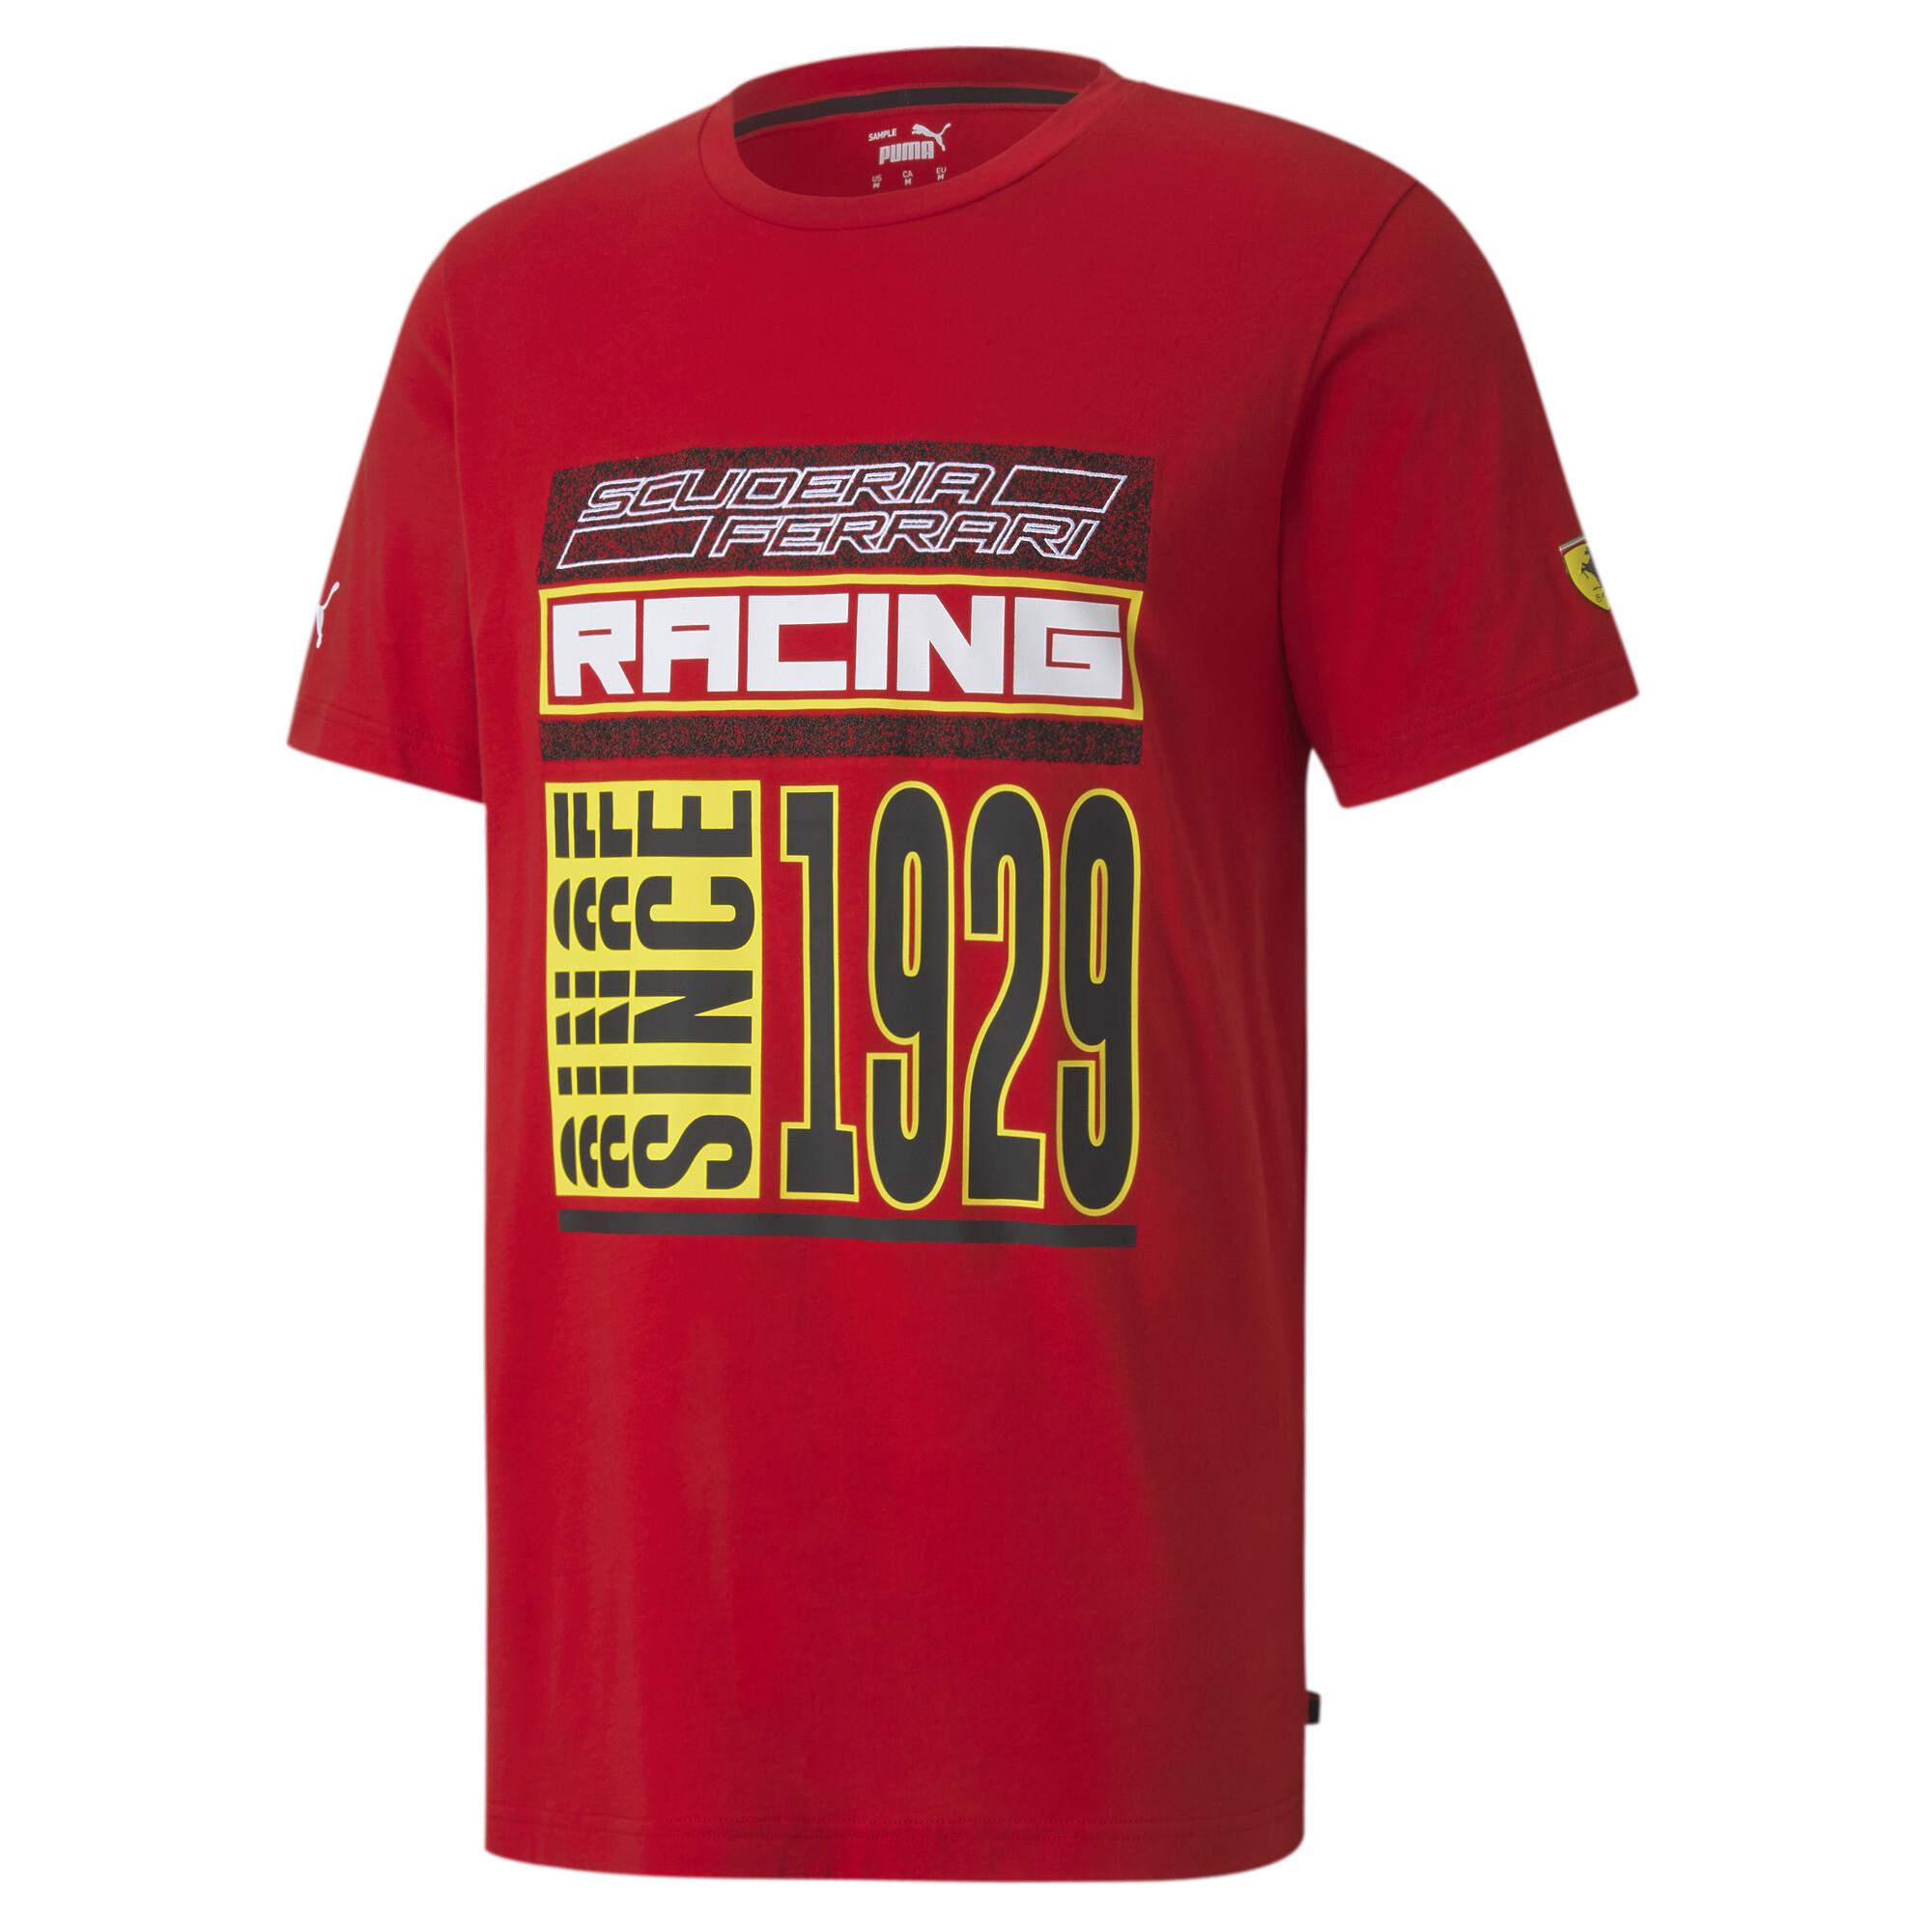 【プーマ公式通販】 プーマ フェラーリ レース Q4 半袖 Tシャツ メンズ Rosso Corsa |PUMA.com